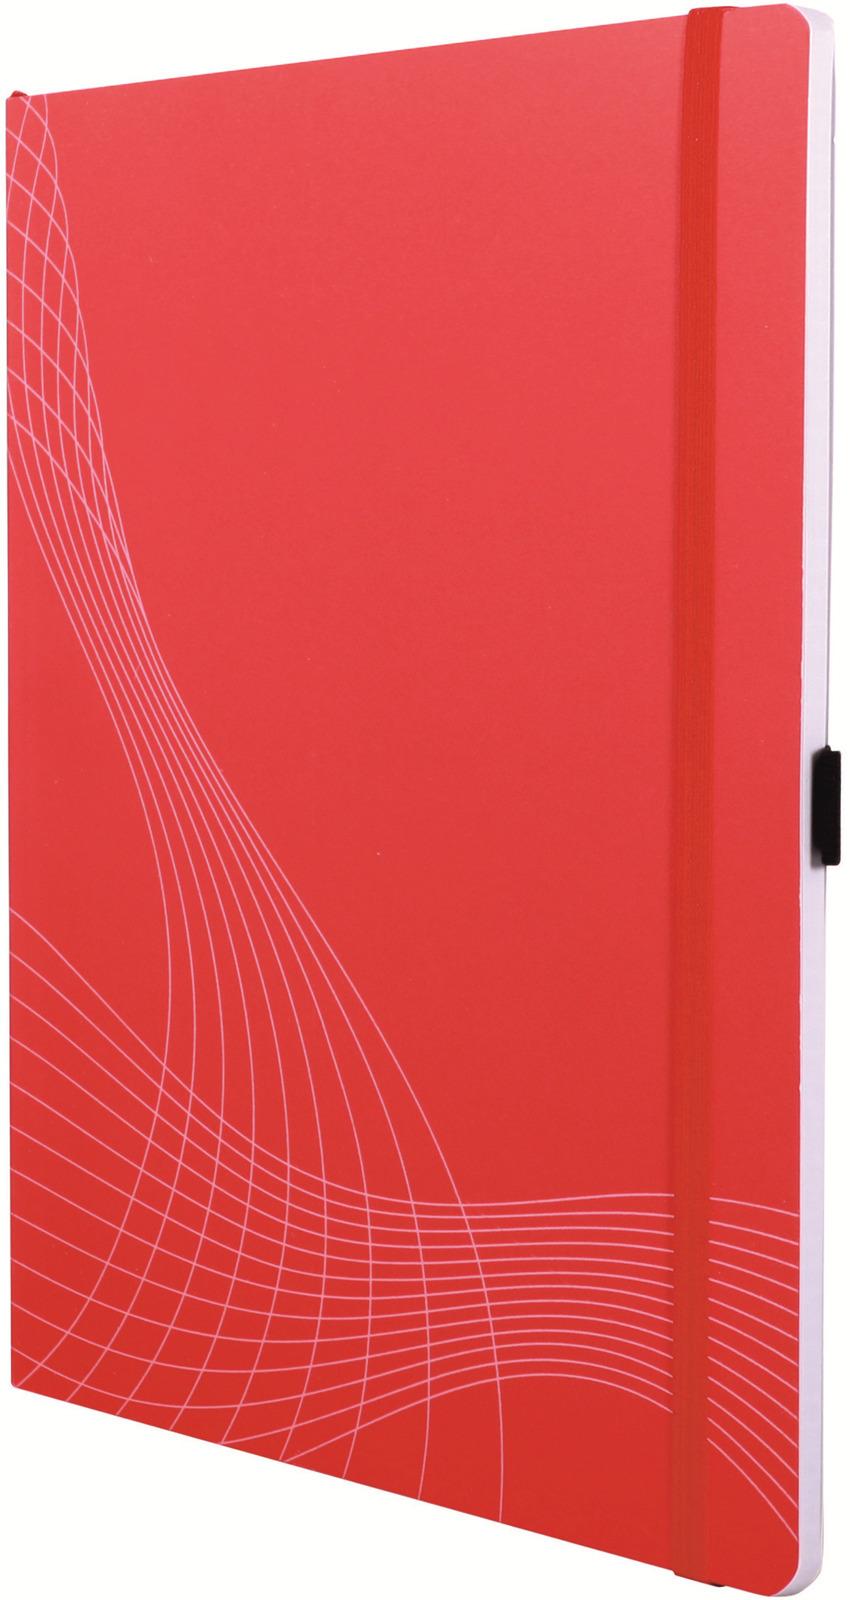 Блокнот для записей Avery Zweckform Notizio, А4, в клетку, цвет: красный, 80 листов